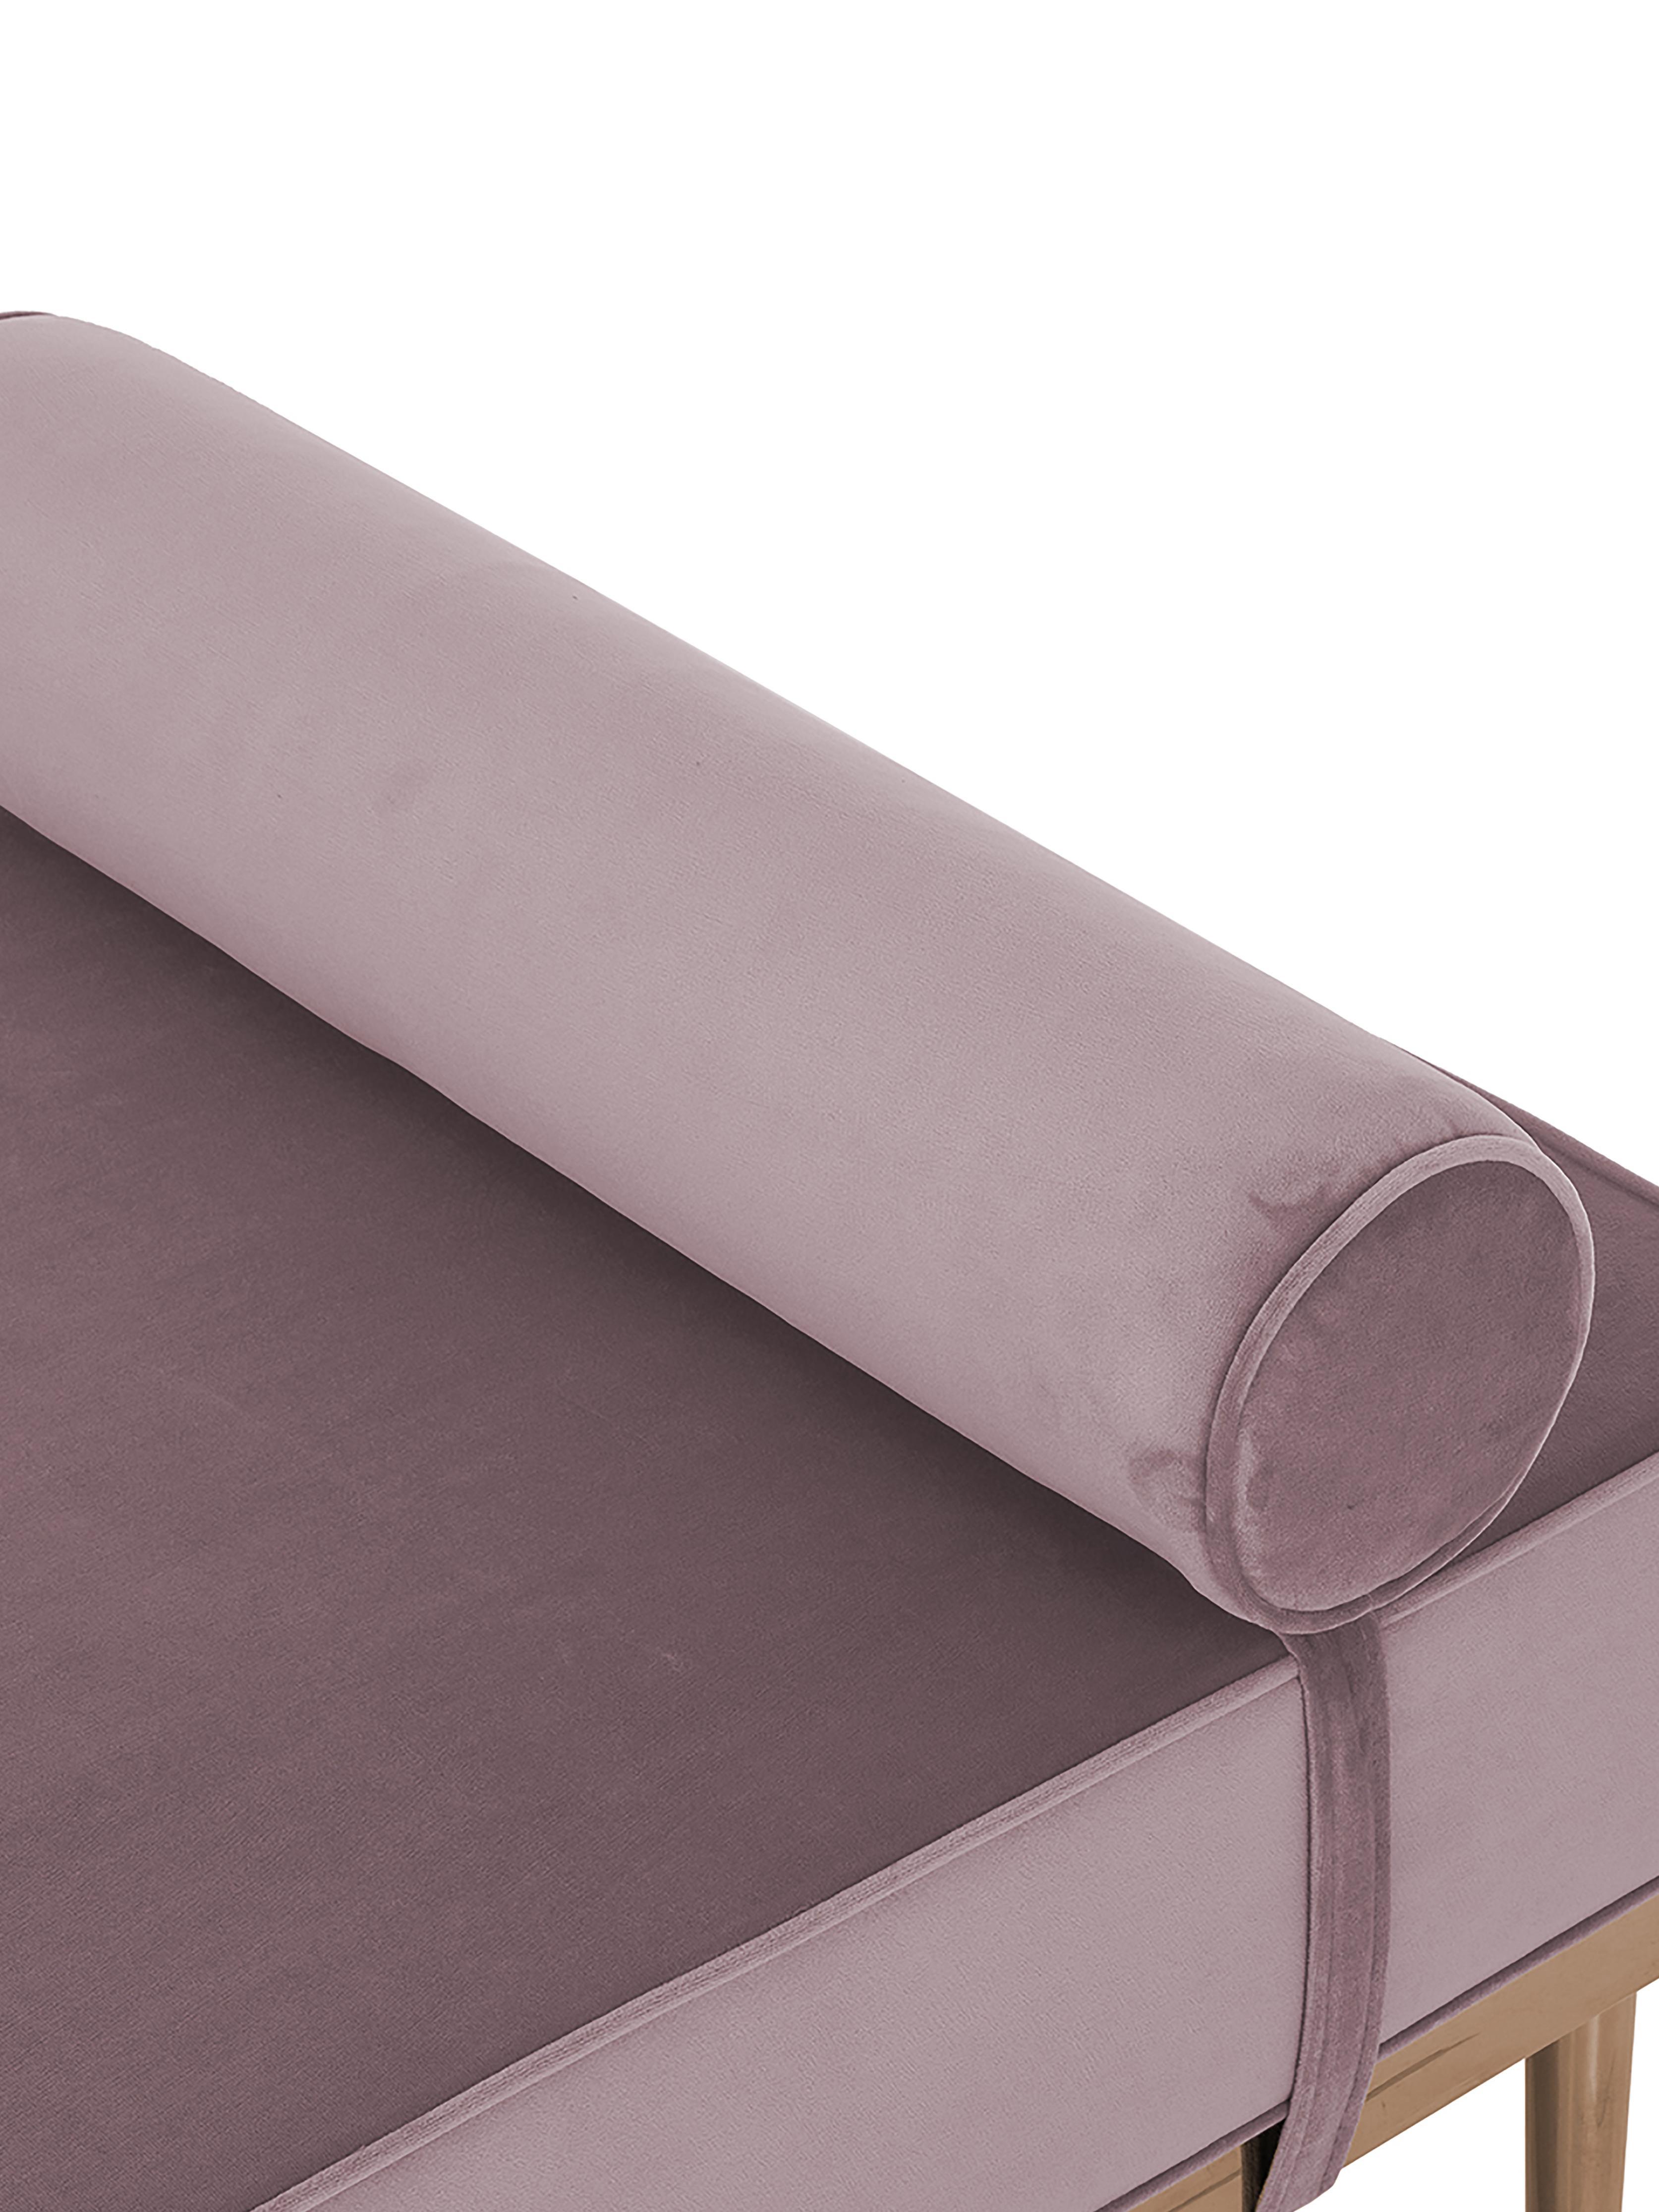 Samt-Daybed Aurora, Bezug: Samt (Hochwertiger Polyes, Beine: Metall, beschichtet, Samt Mauve, 180 x 42 cm